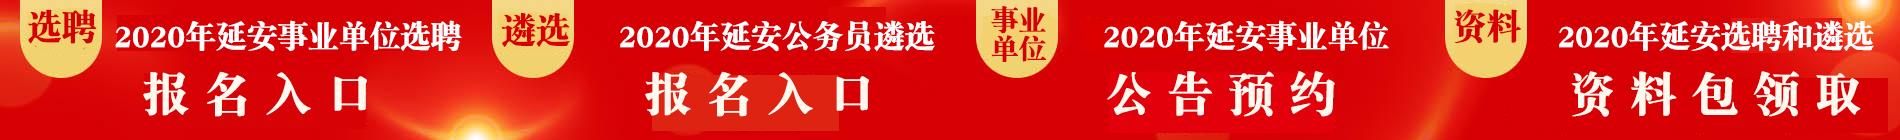 2020陕西事业单位